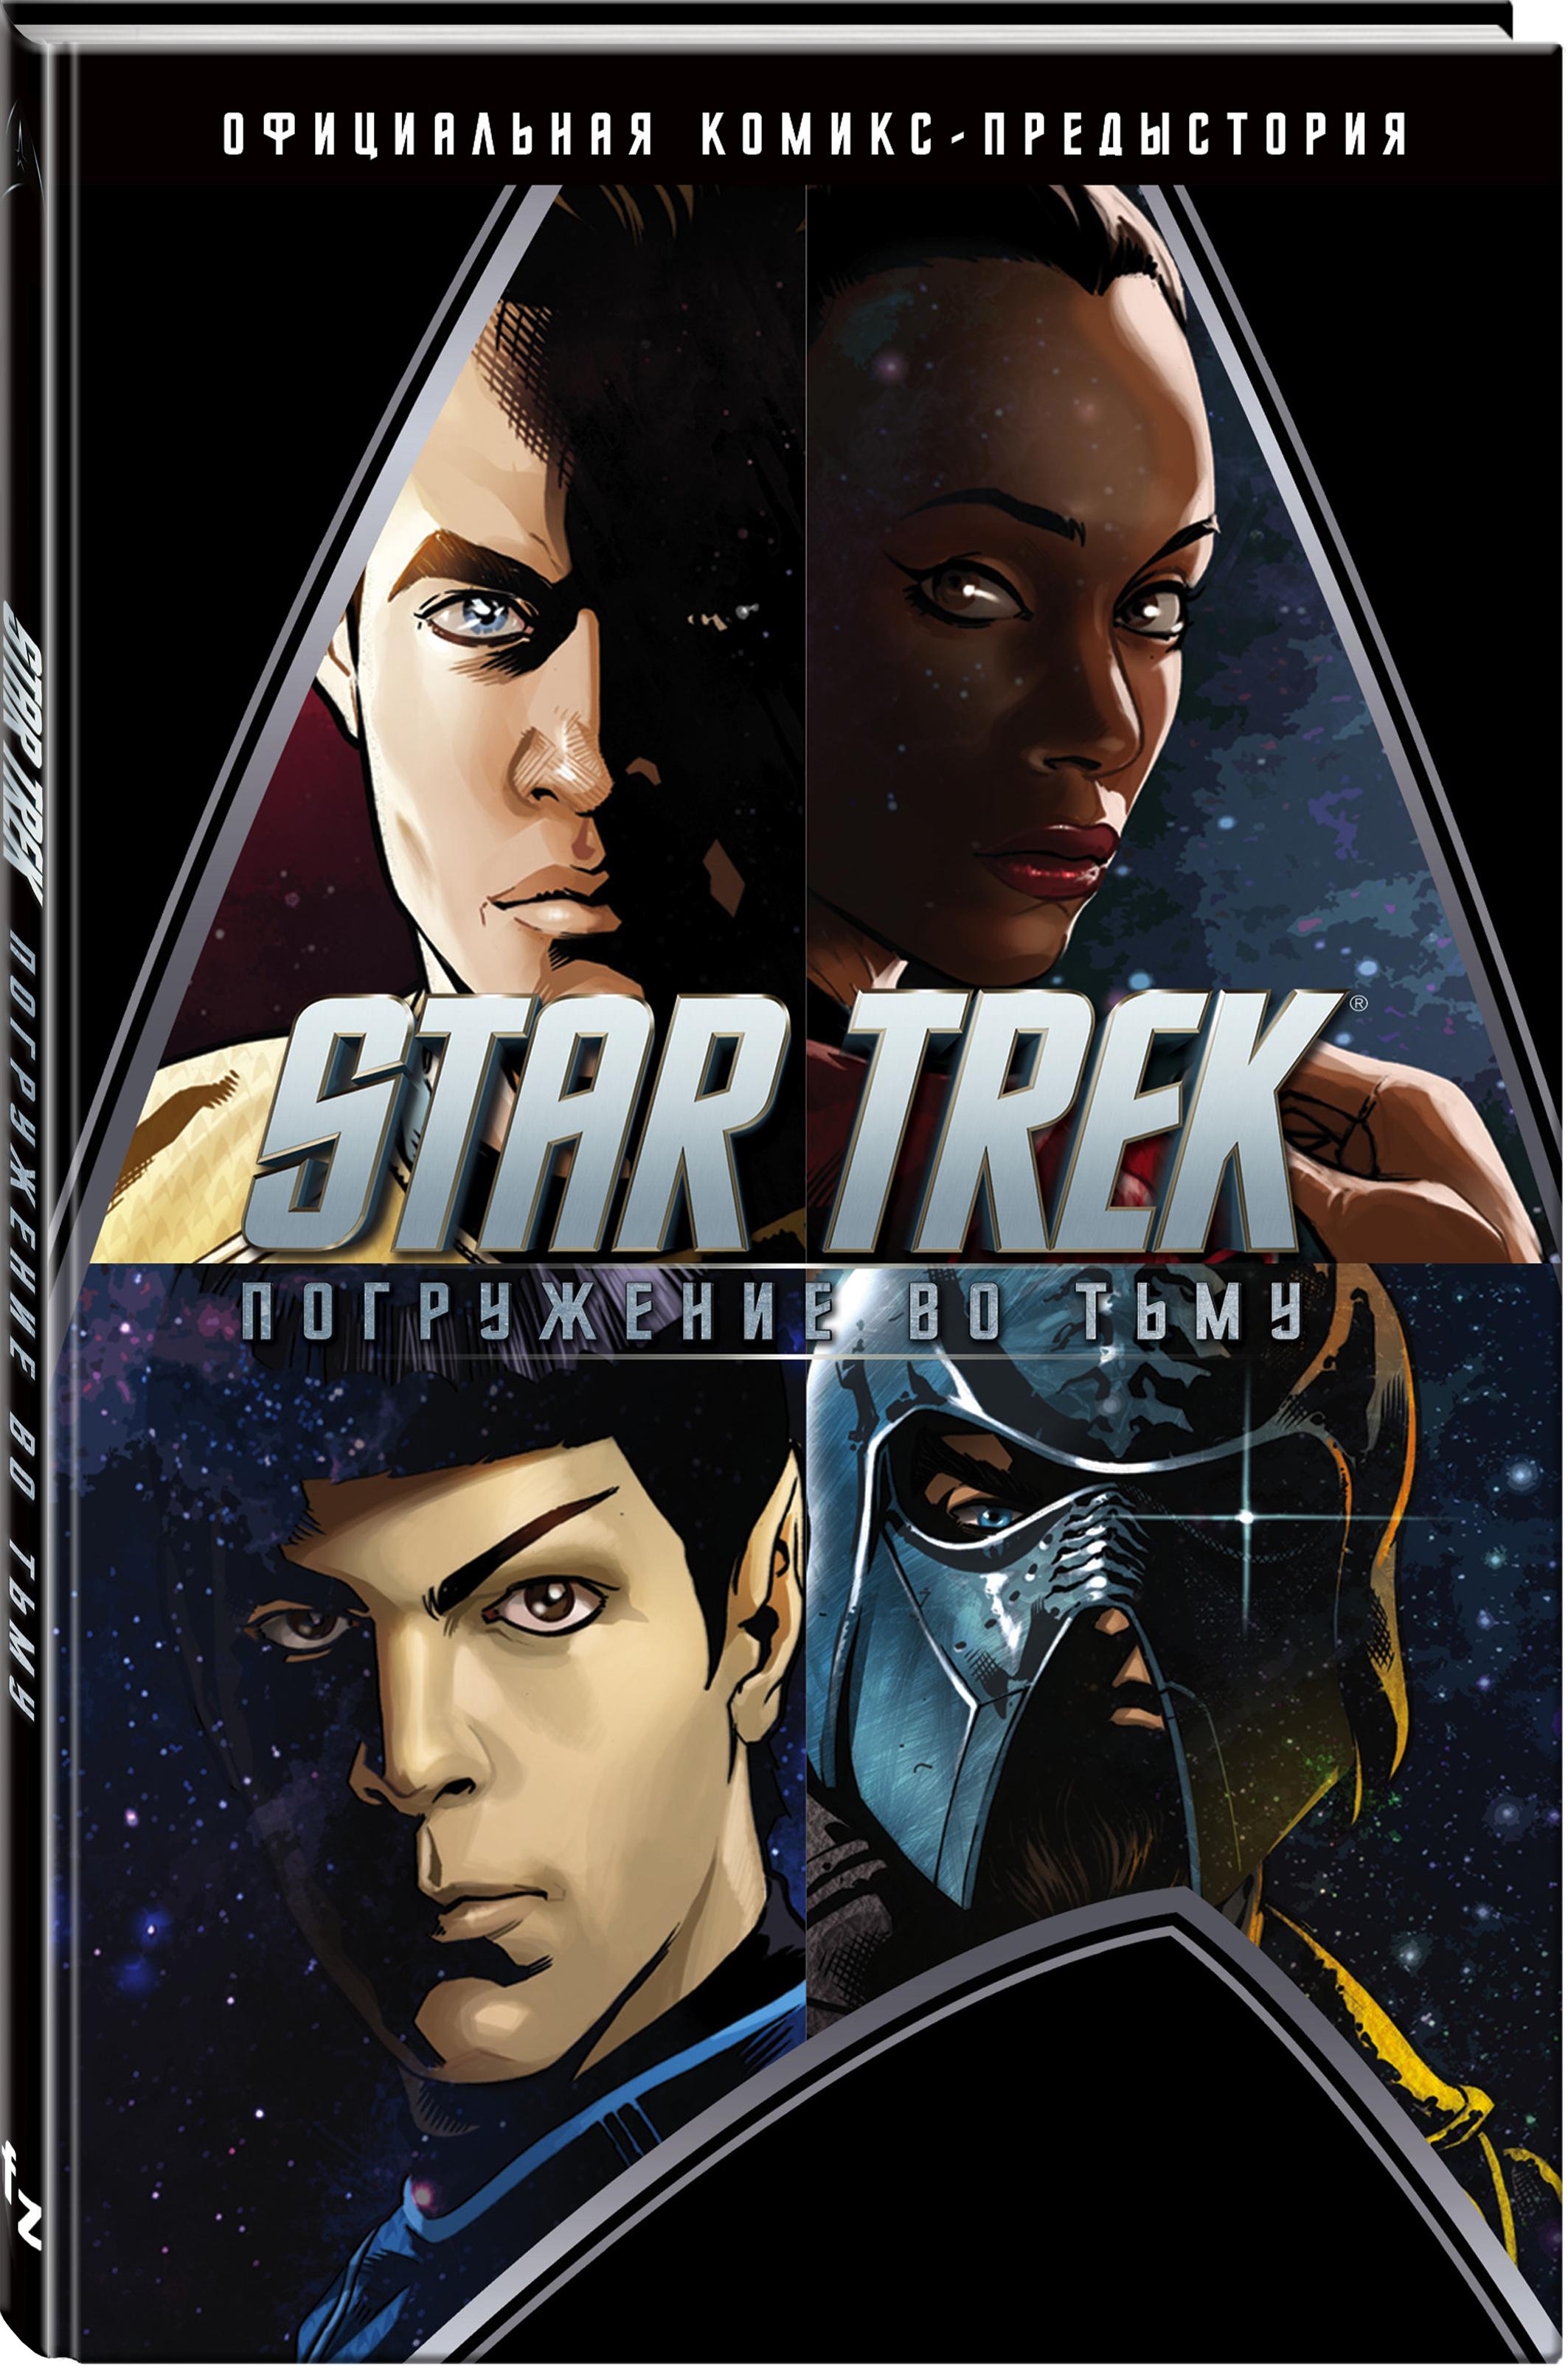 Джонсон М. Star Trek: Погружение во тьму ISBN: 978-5-04-089088-0 звездный путь стартрек возмездие 2 blu ray